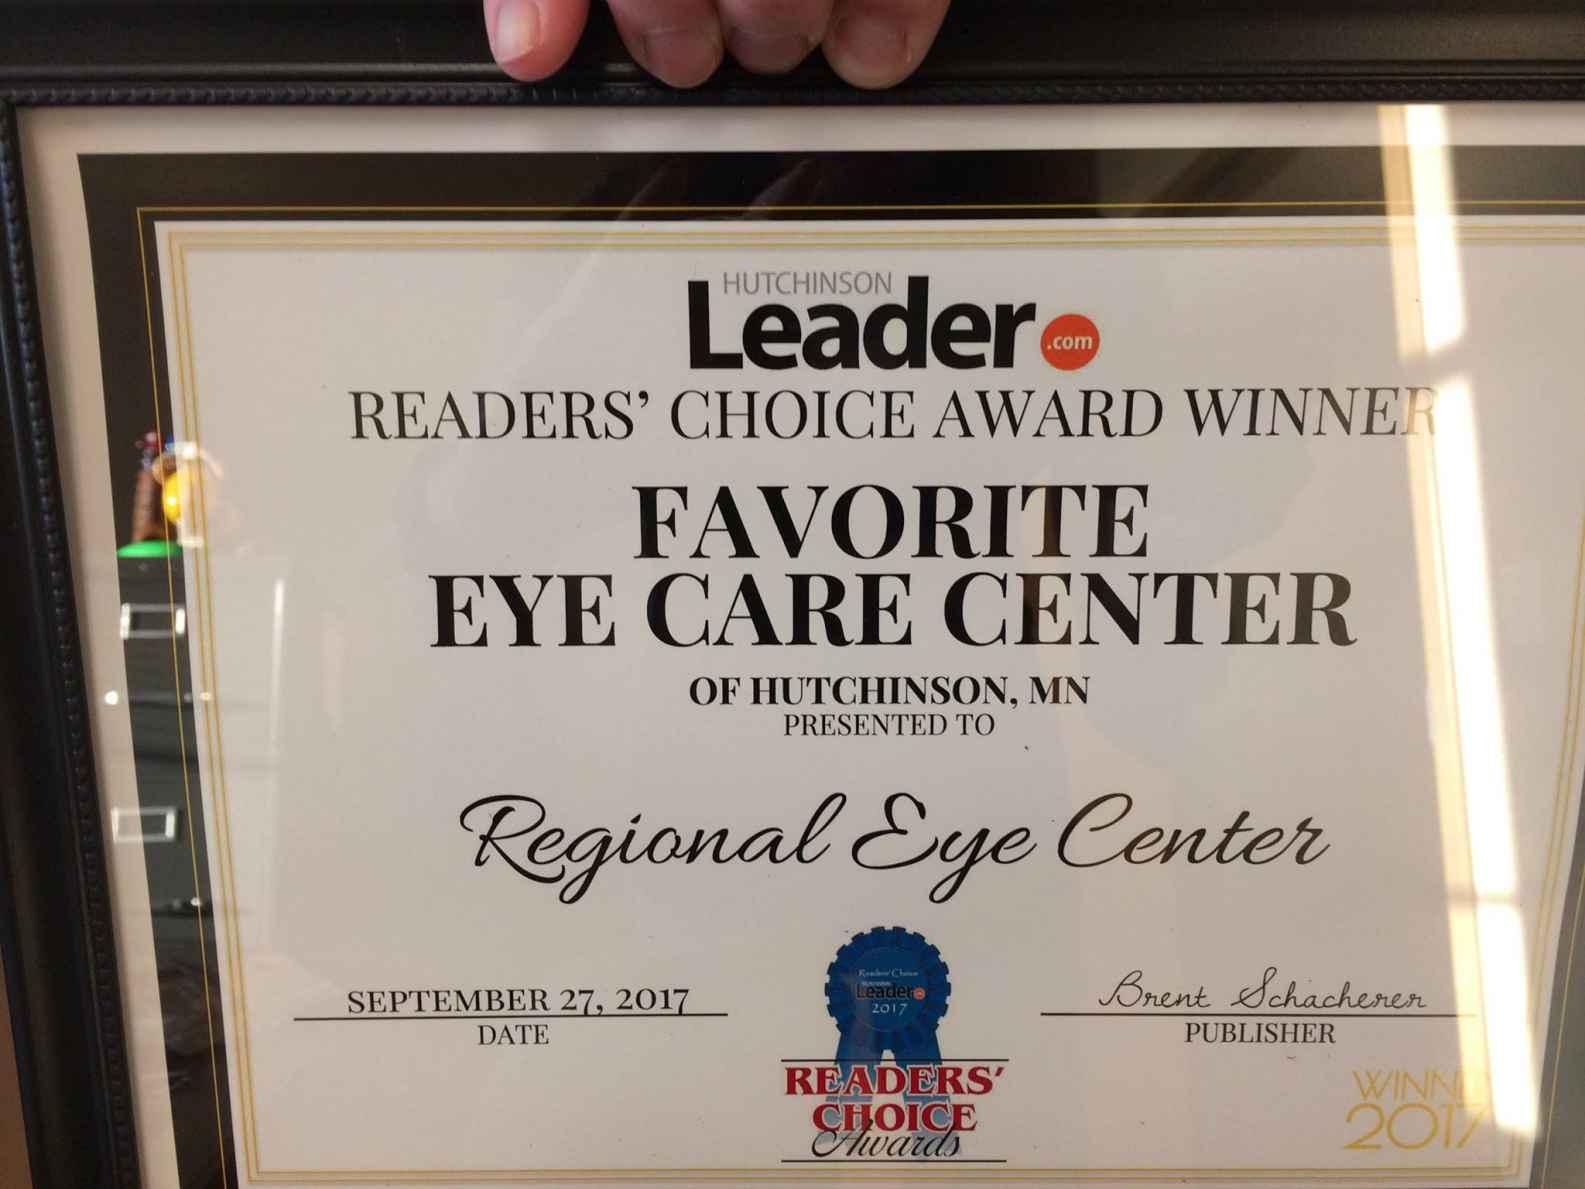 Favorite Eye Care Center - Regional Eye Center